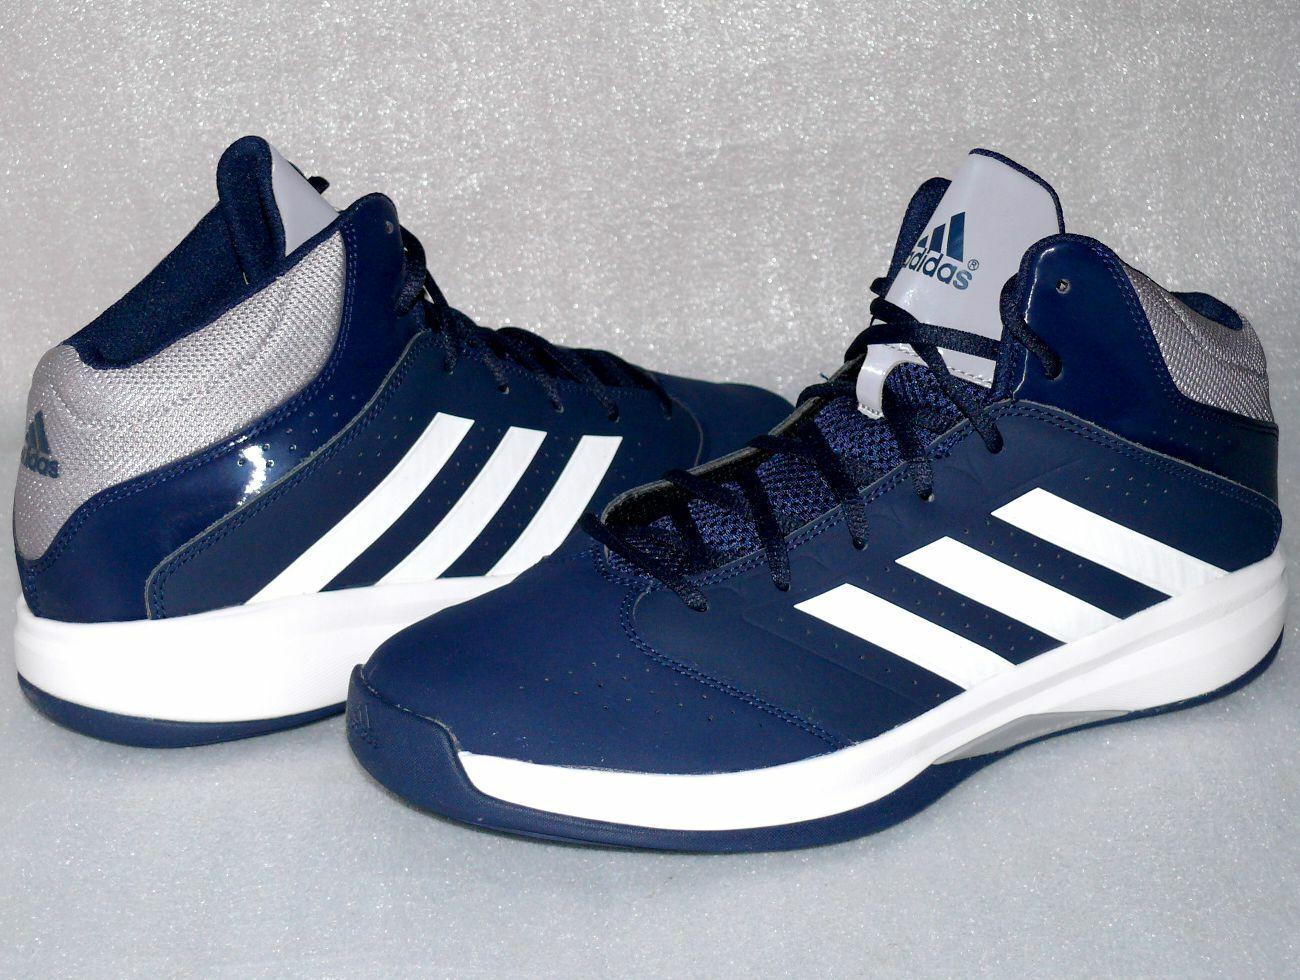 Adidas C75913 Isolation 2 Freizeit Schuhe Basketball Running Turnschuhe 47 Navy Wei